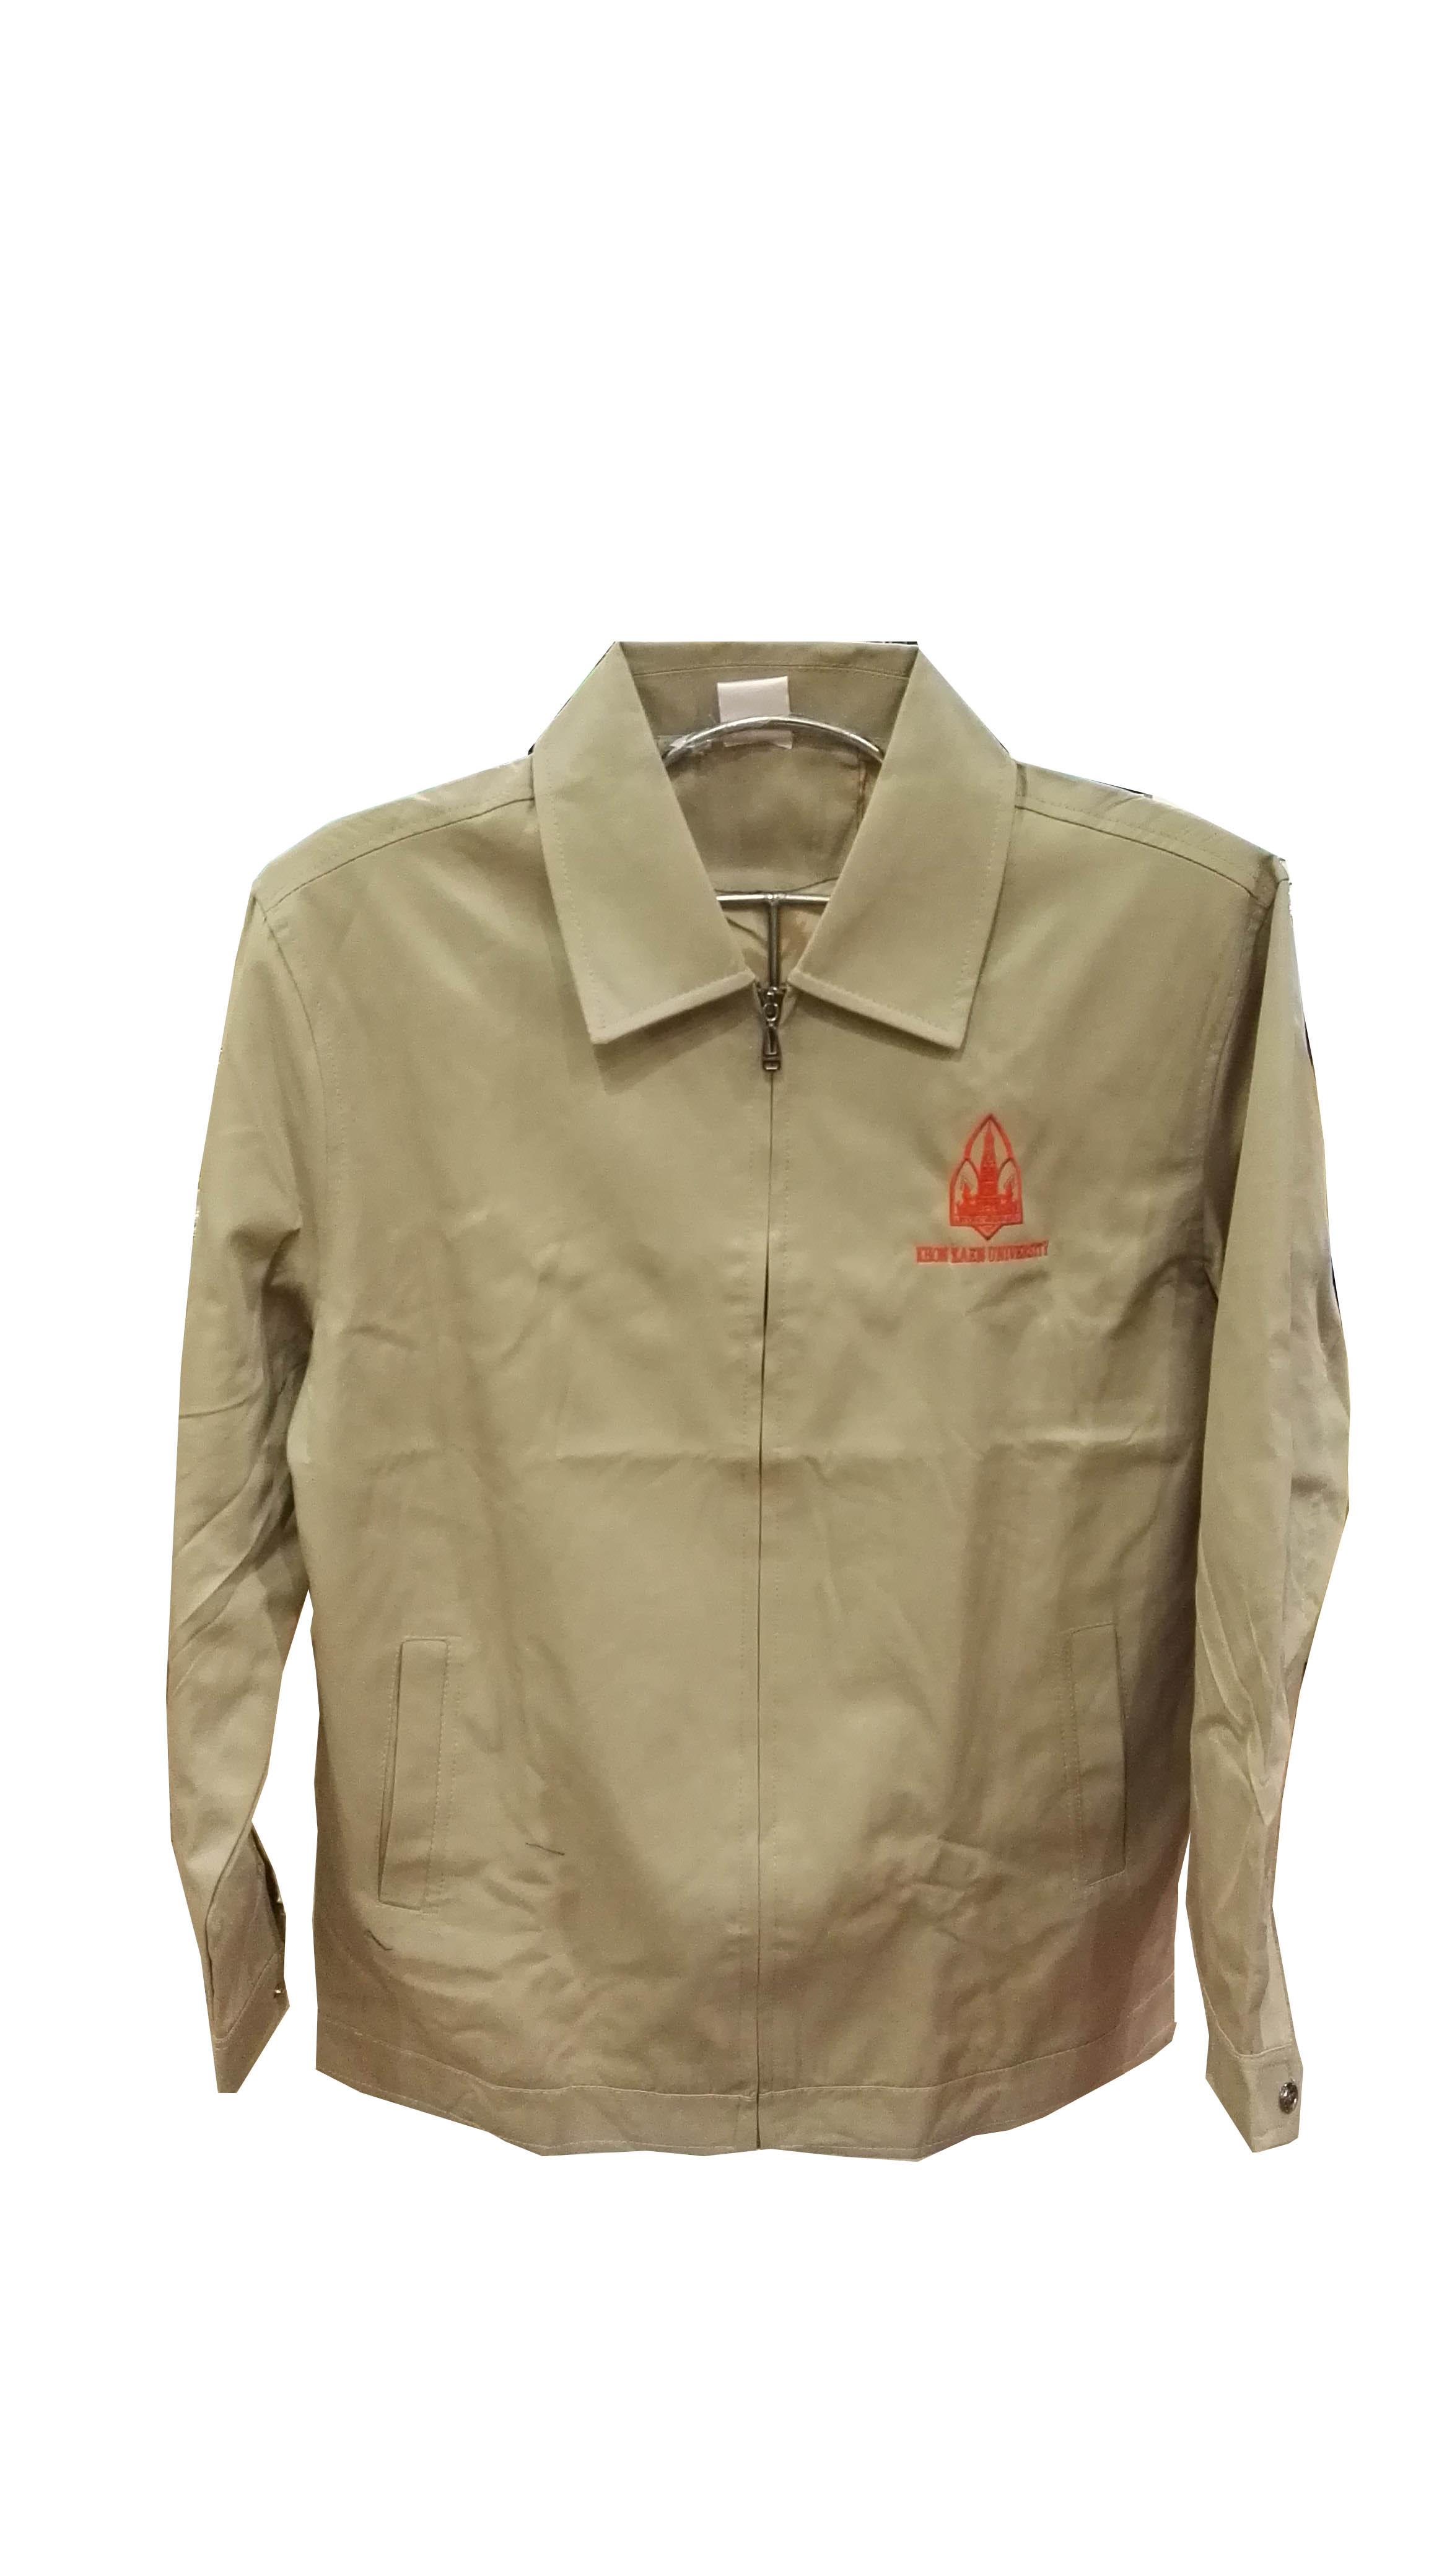 เสื้อแจ็คเก็ตคอปกสีน้ำตาล Size S